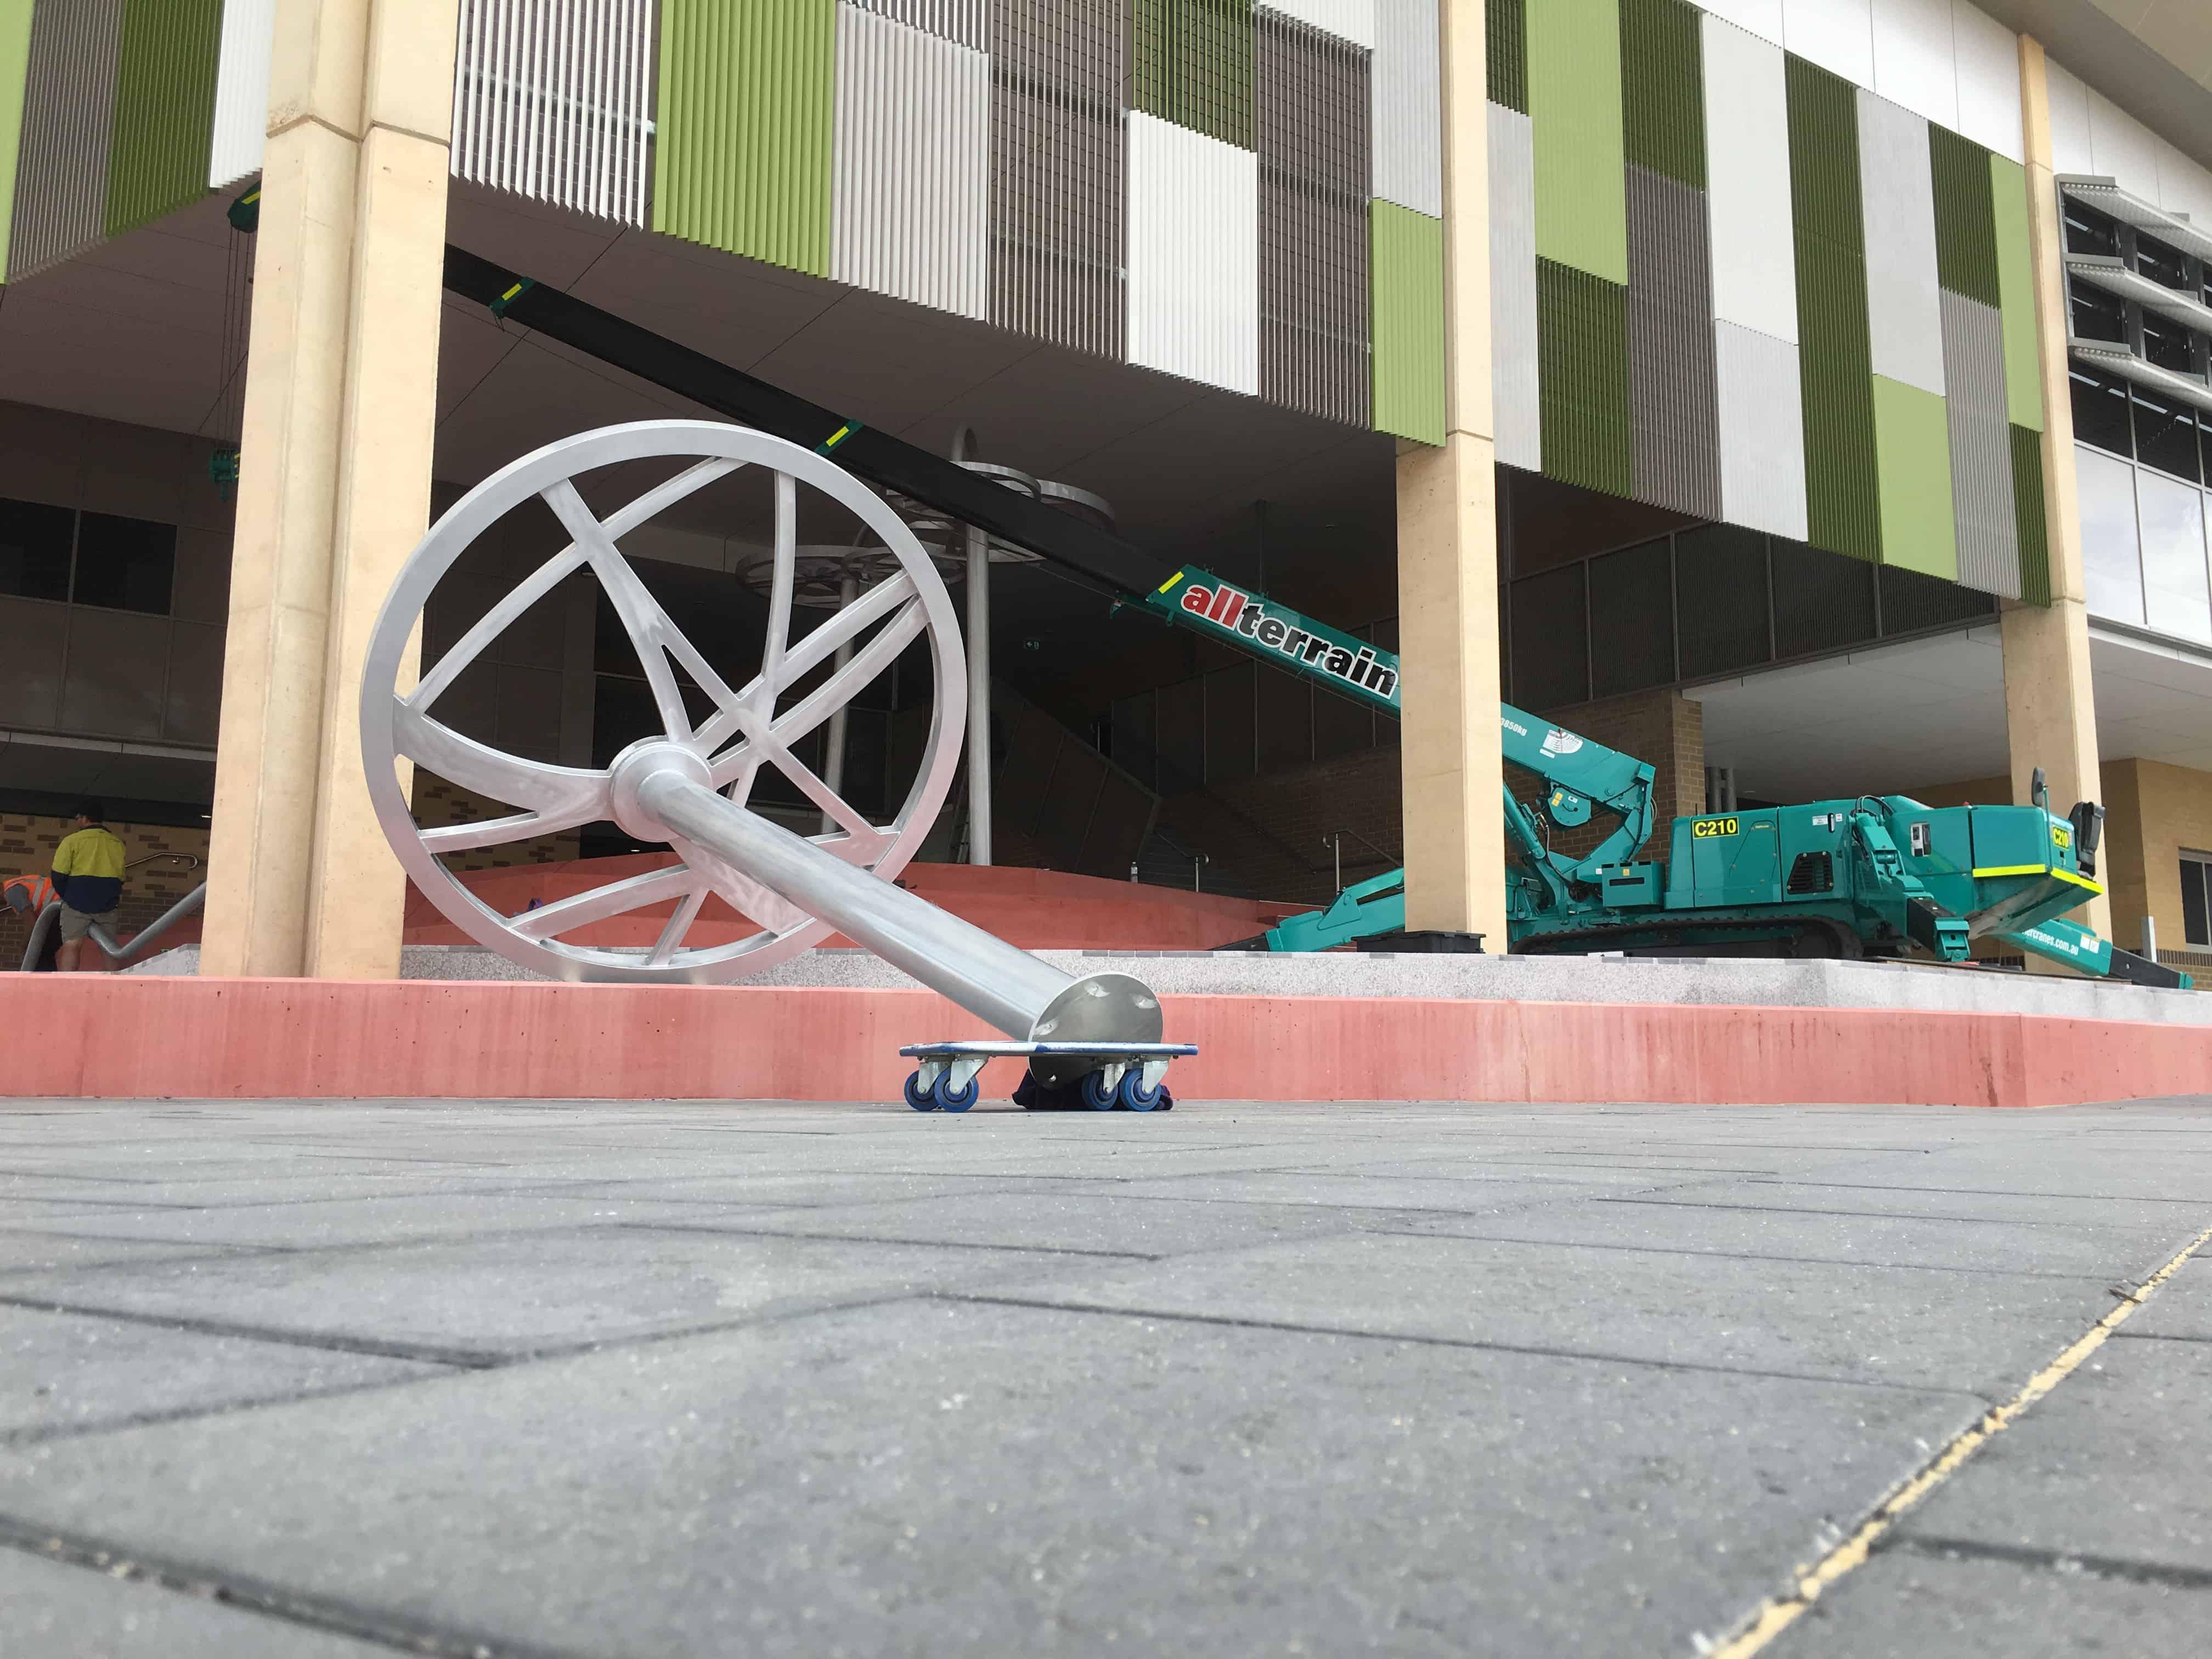 all-terrain-services-crane-companies-perth-crane-hire-perth